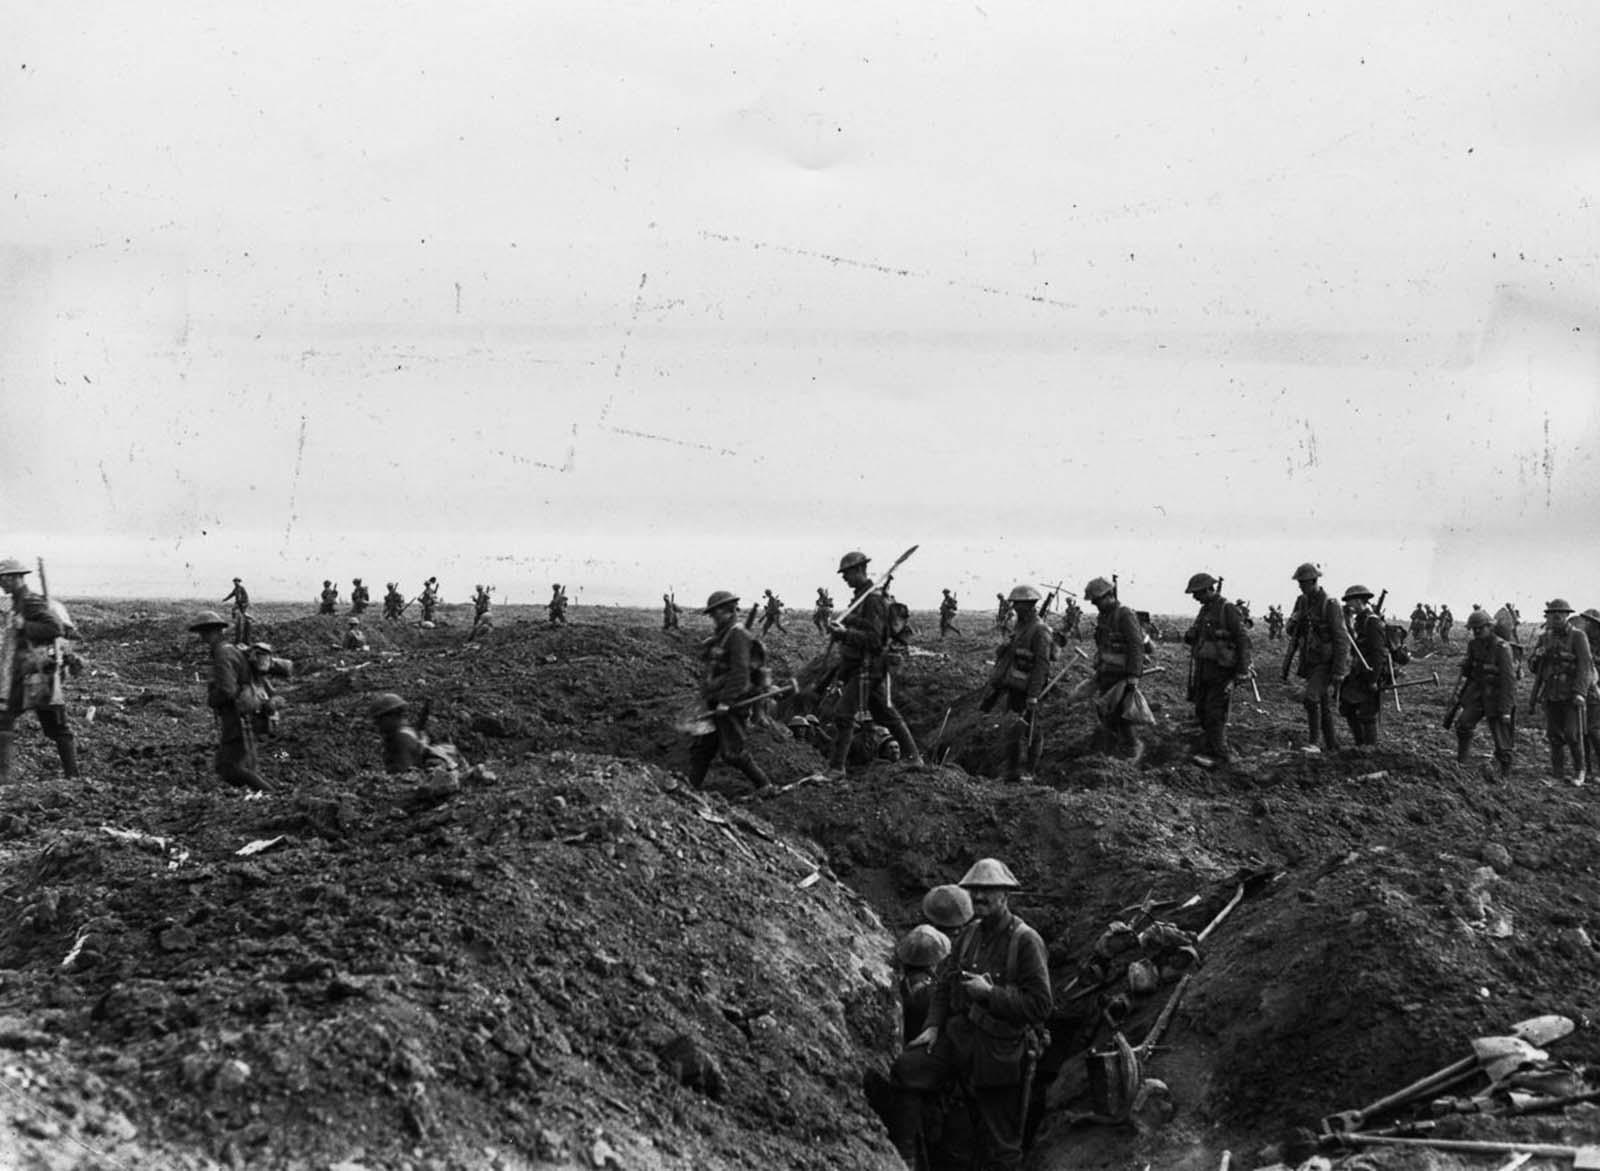 Los refuerzos cruzan la antigua línea delantera alemana durante el avance hacia Flers. 15 de septiembre de 1916.